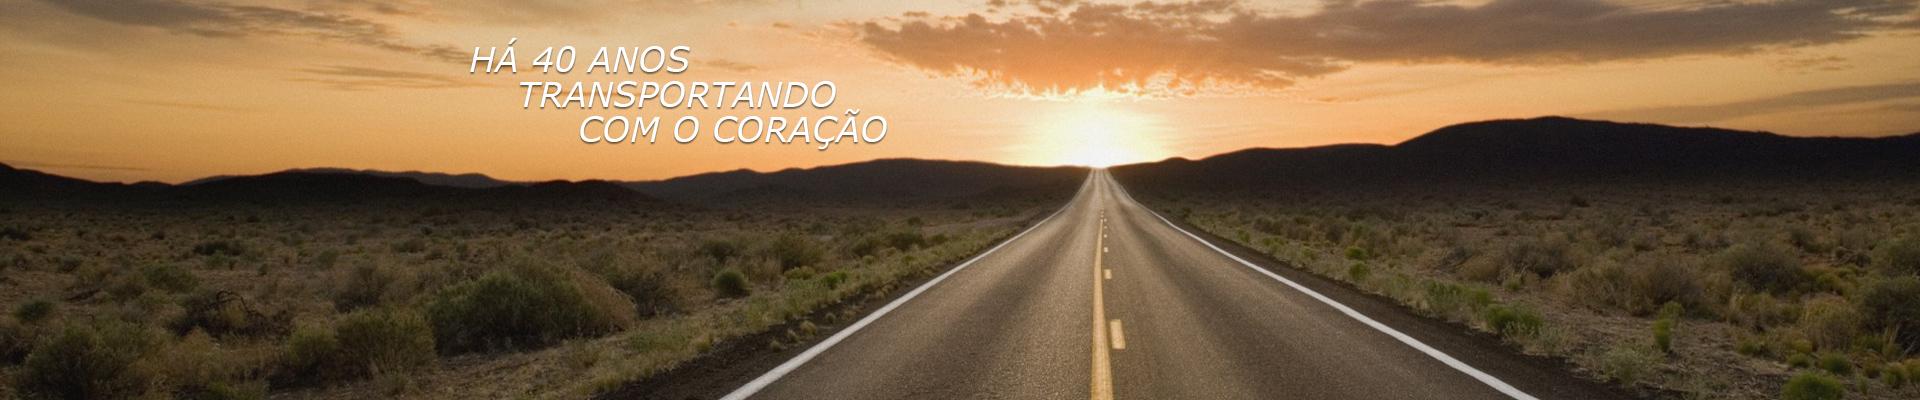 H� 40 ANOS TRANSPORTANDOCOM O CORA��O